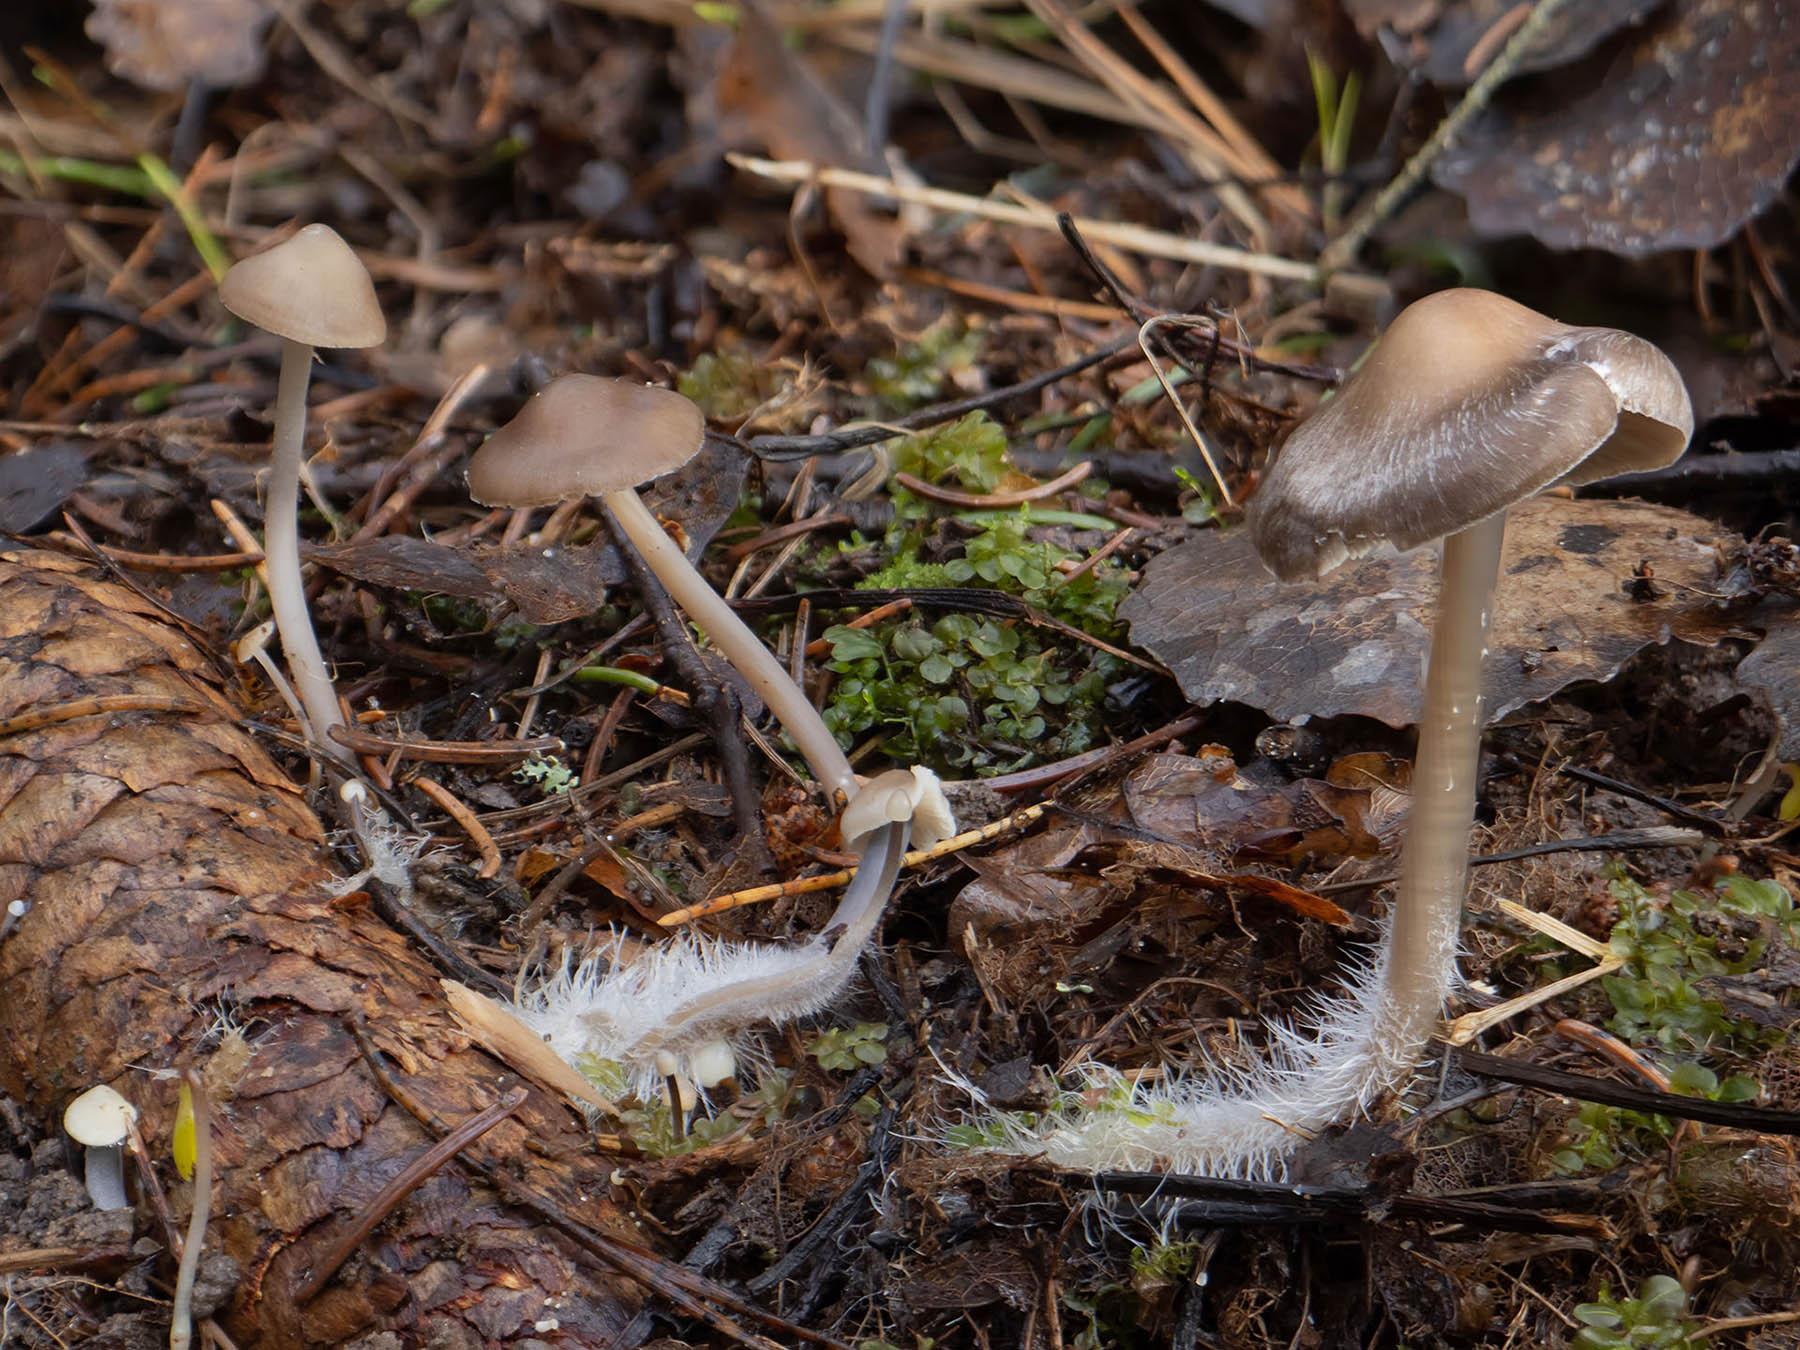 Мицена шишколюбивая (Mycena plumipes - принятое в Скандинавии имя для Mycena strobilicola) на еловых шишках в природном парке Görväln, Стокгольм, март 2020 года. Автор фото: Сутормина Марина